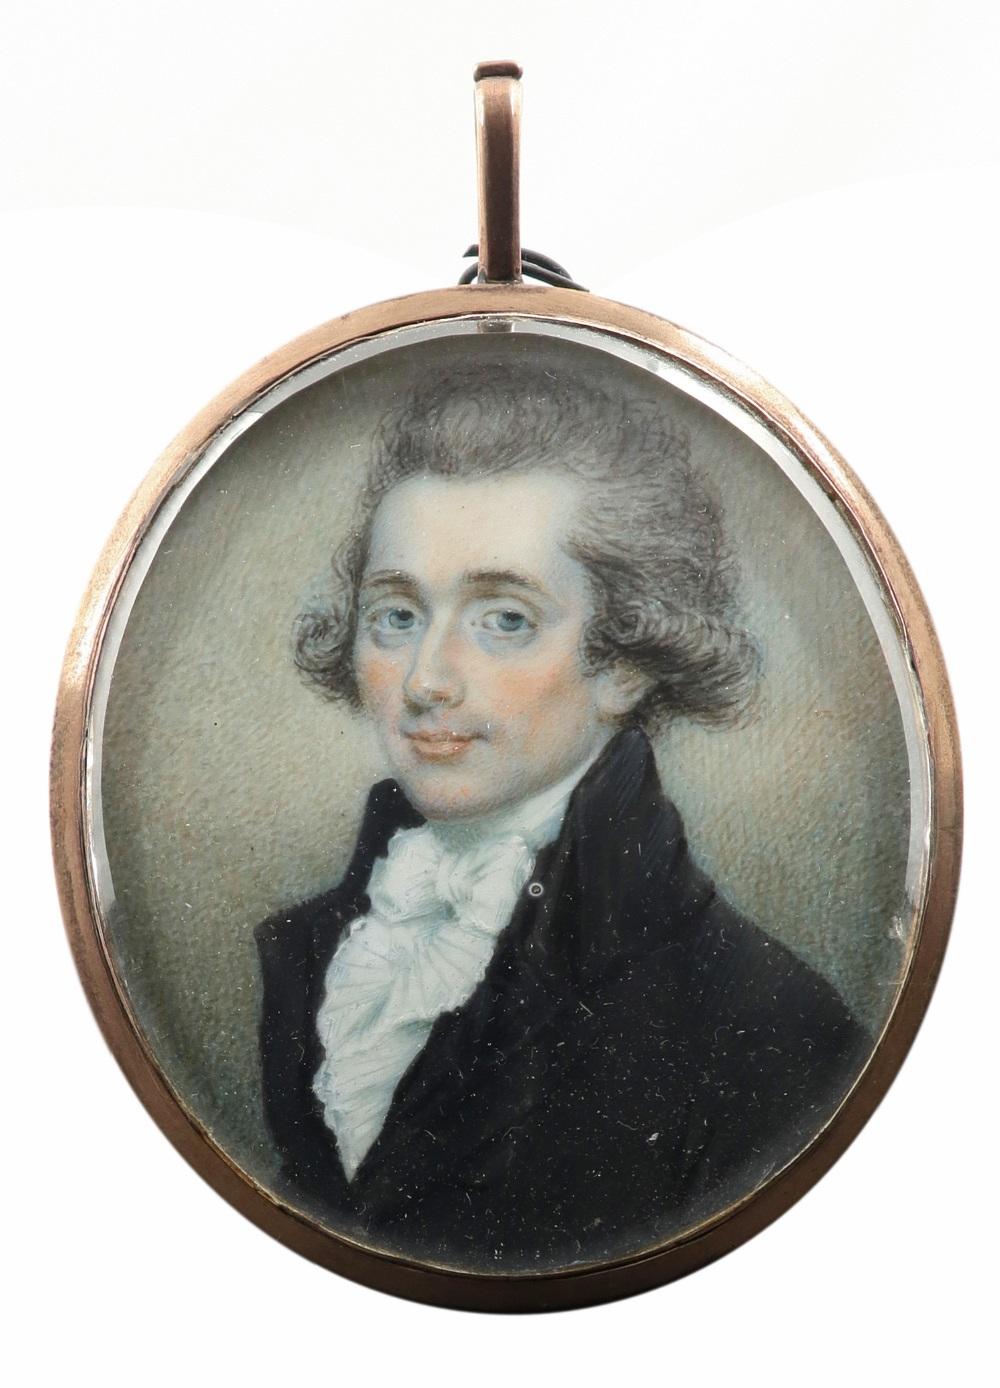 λEnglish School late 18th Century Portrait miniature of a gentleman, wearing a black coat, and